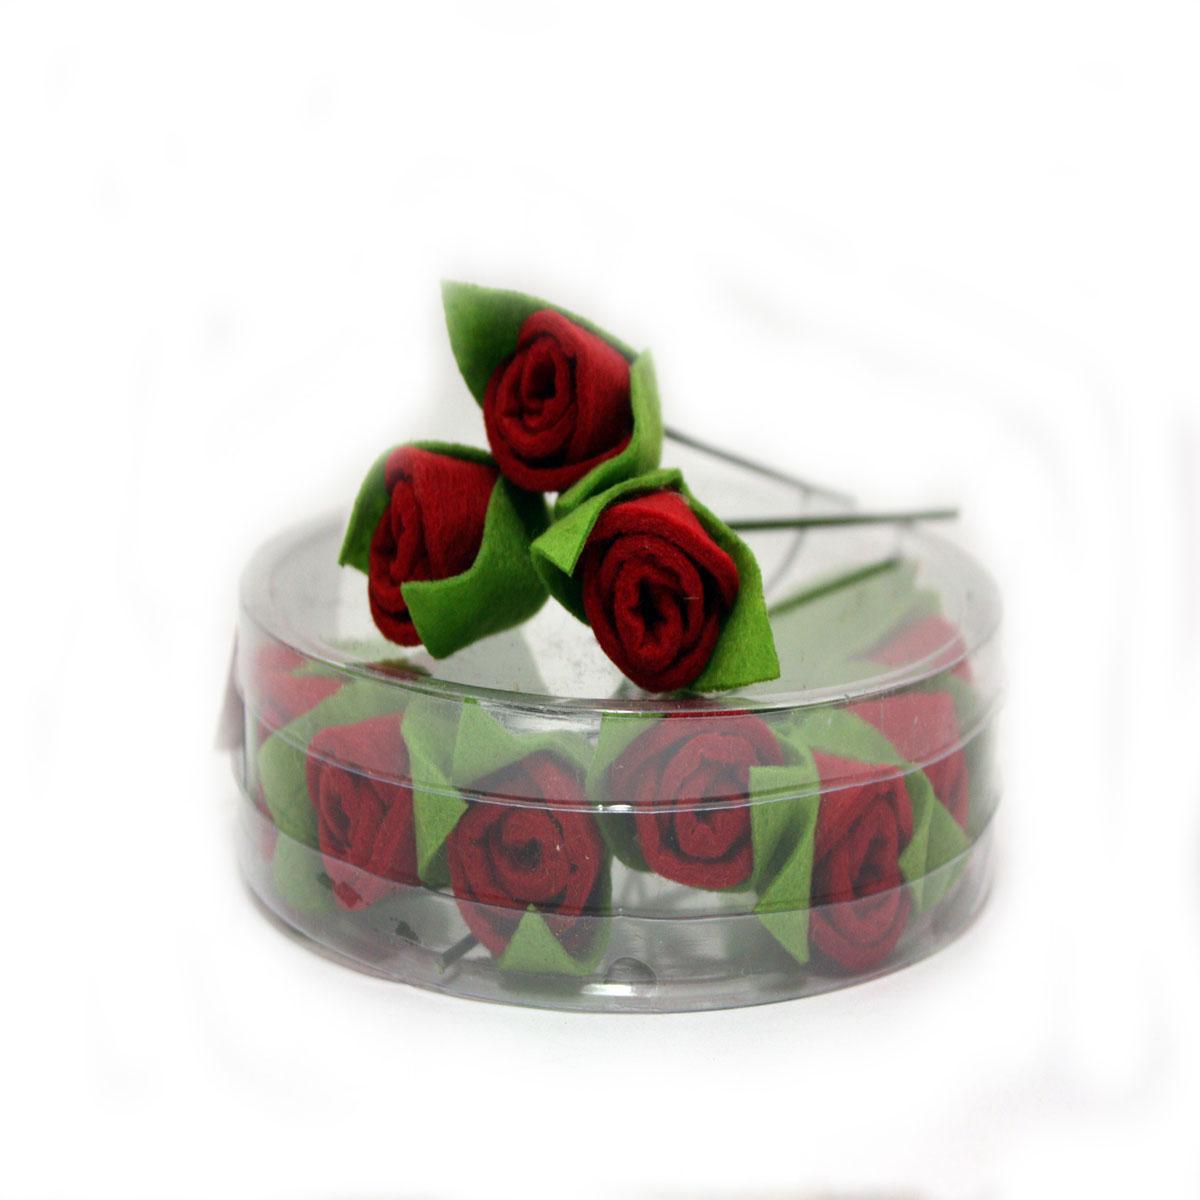 Набор декоративных украшений RTO Розочки, цвет: красный, зеленый, 12 шт рамка для фото rto винтаж 4 х 6 см